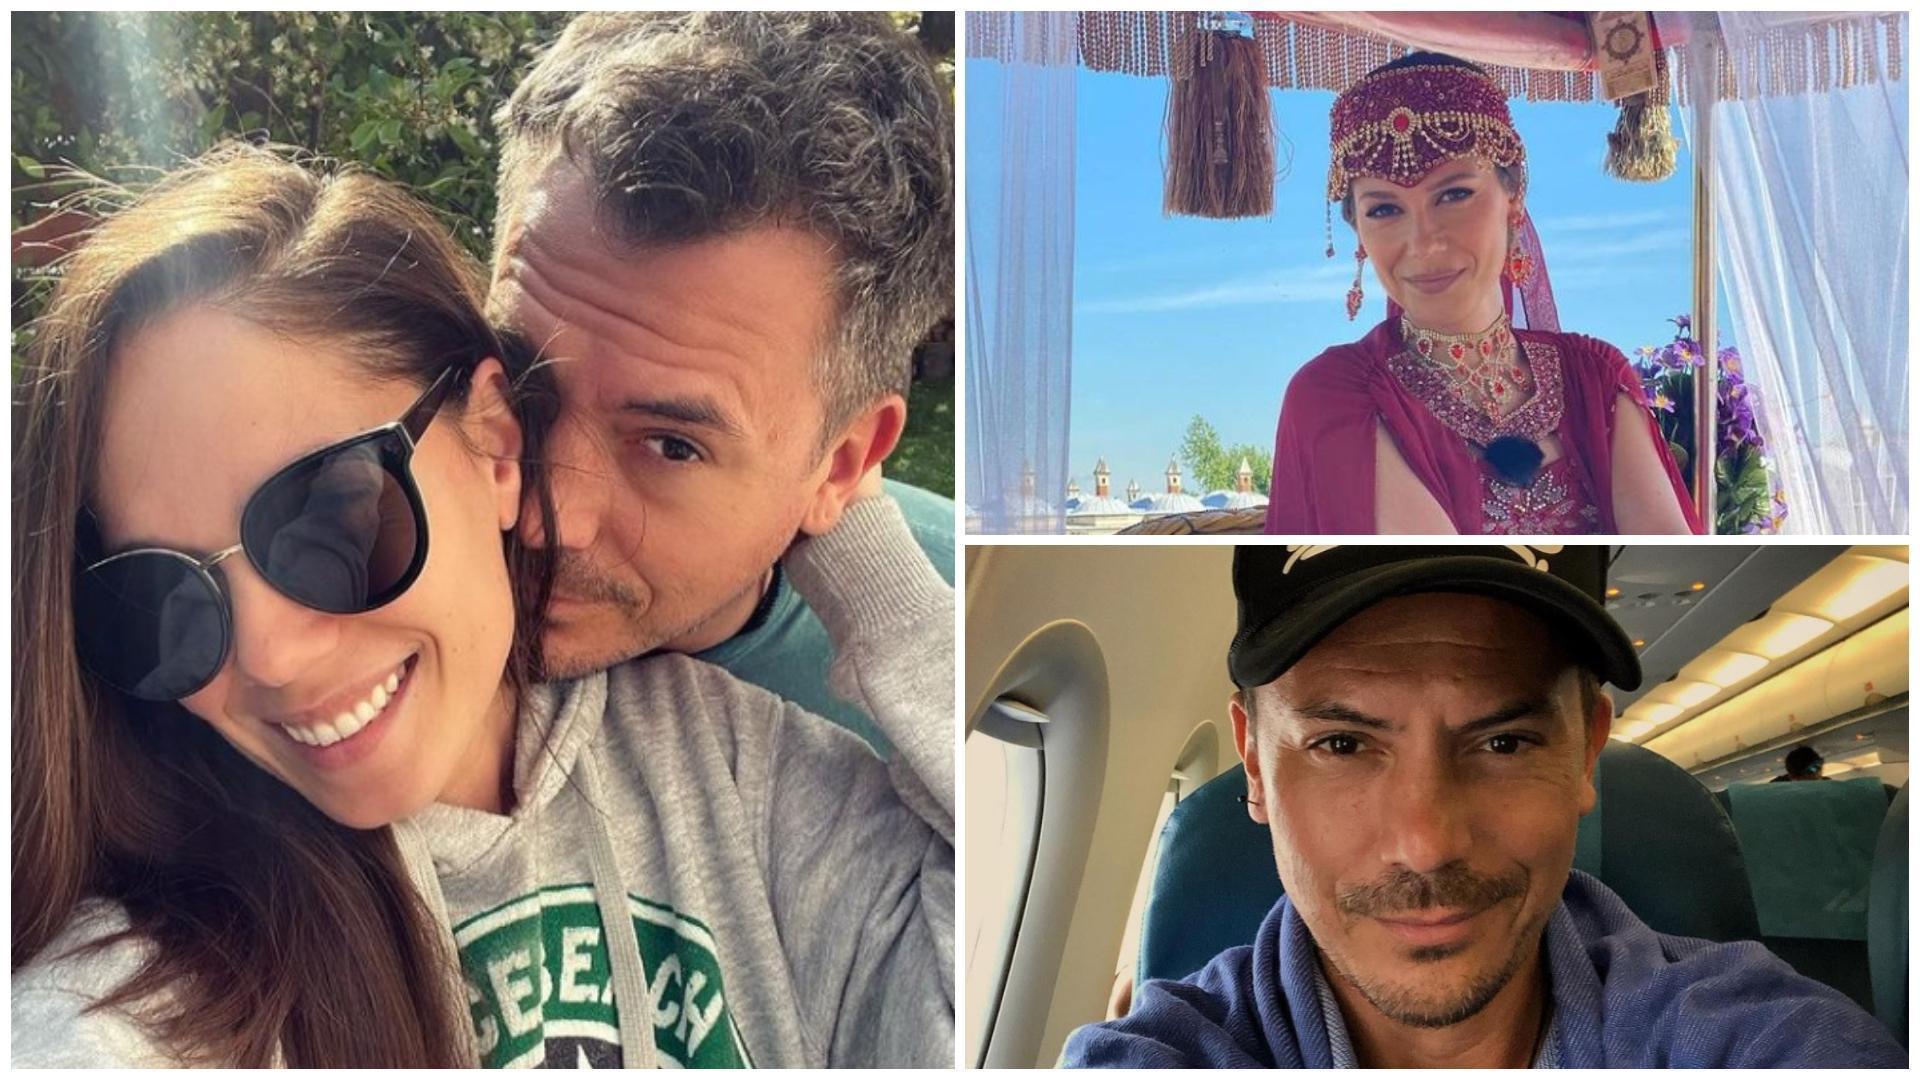 """Răzvan Fodor, urarea emoționantă pe care i-a făcut-o soției de ziua ei: """"E nefiresc să o iubesc atât de mult, de atâta timp"""""""